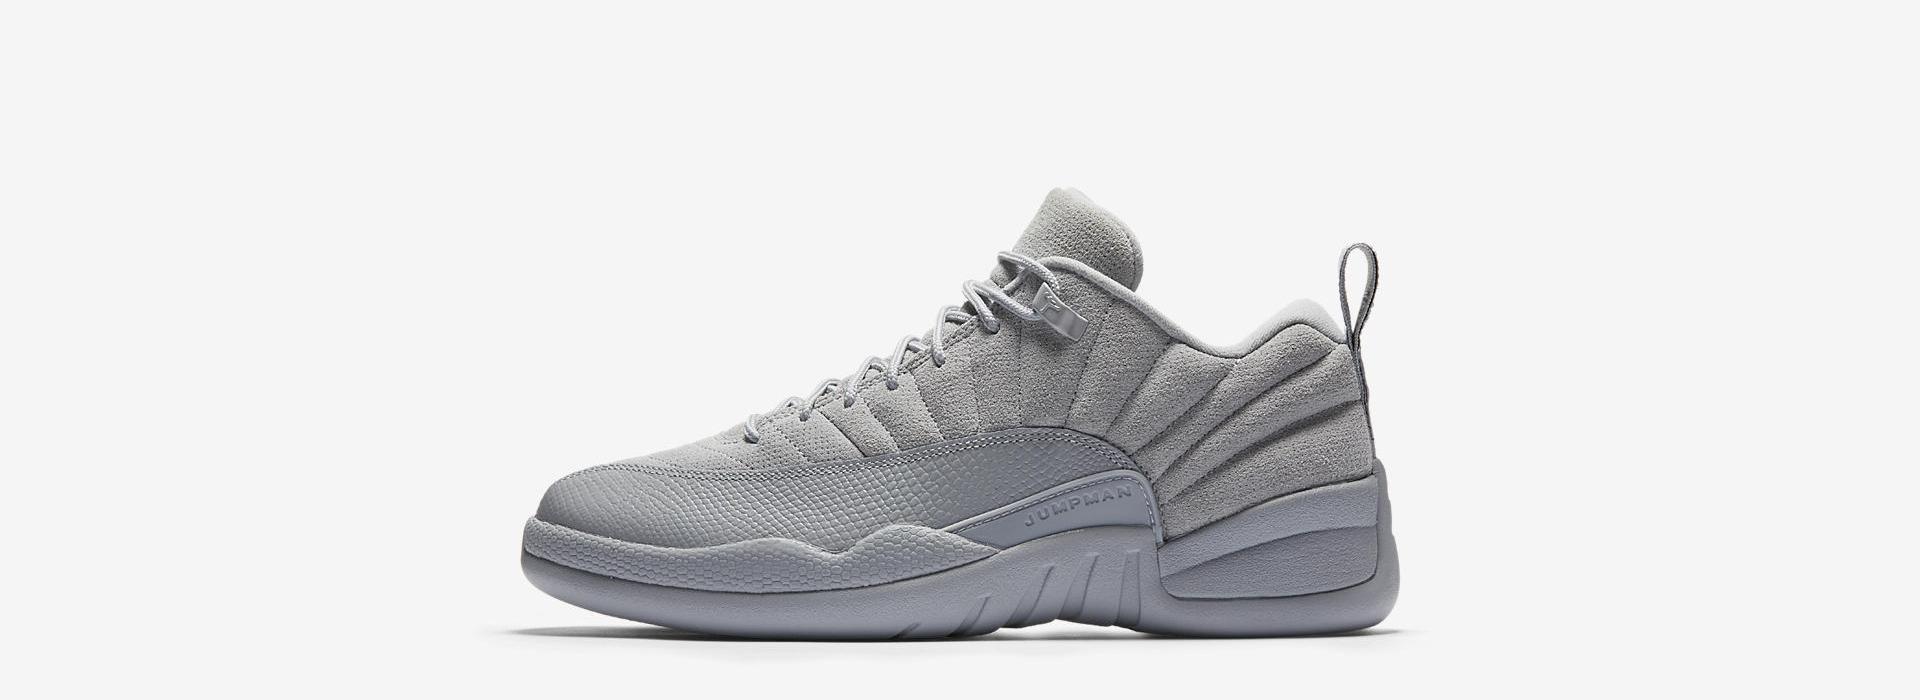 b616aa6e36540c air jordan 12 low wolf grey. NEW DS 2017 Nike Air Jordan Retro 12 XII ...